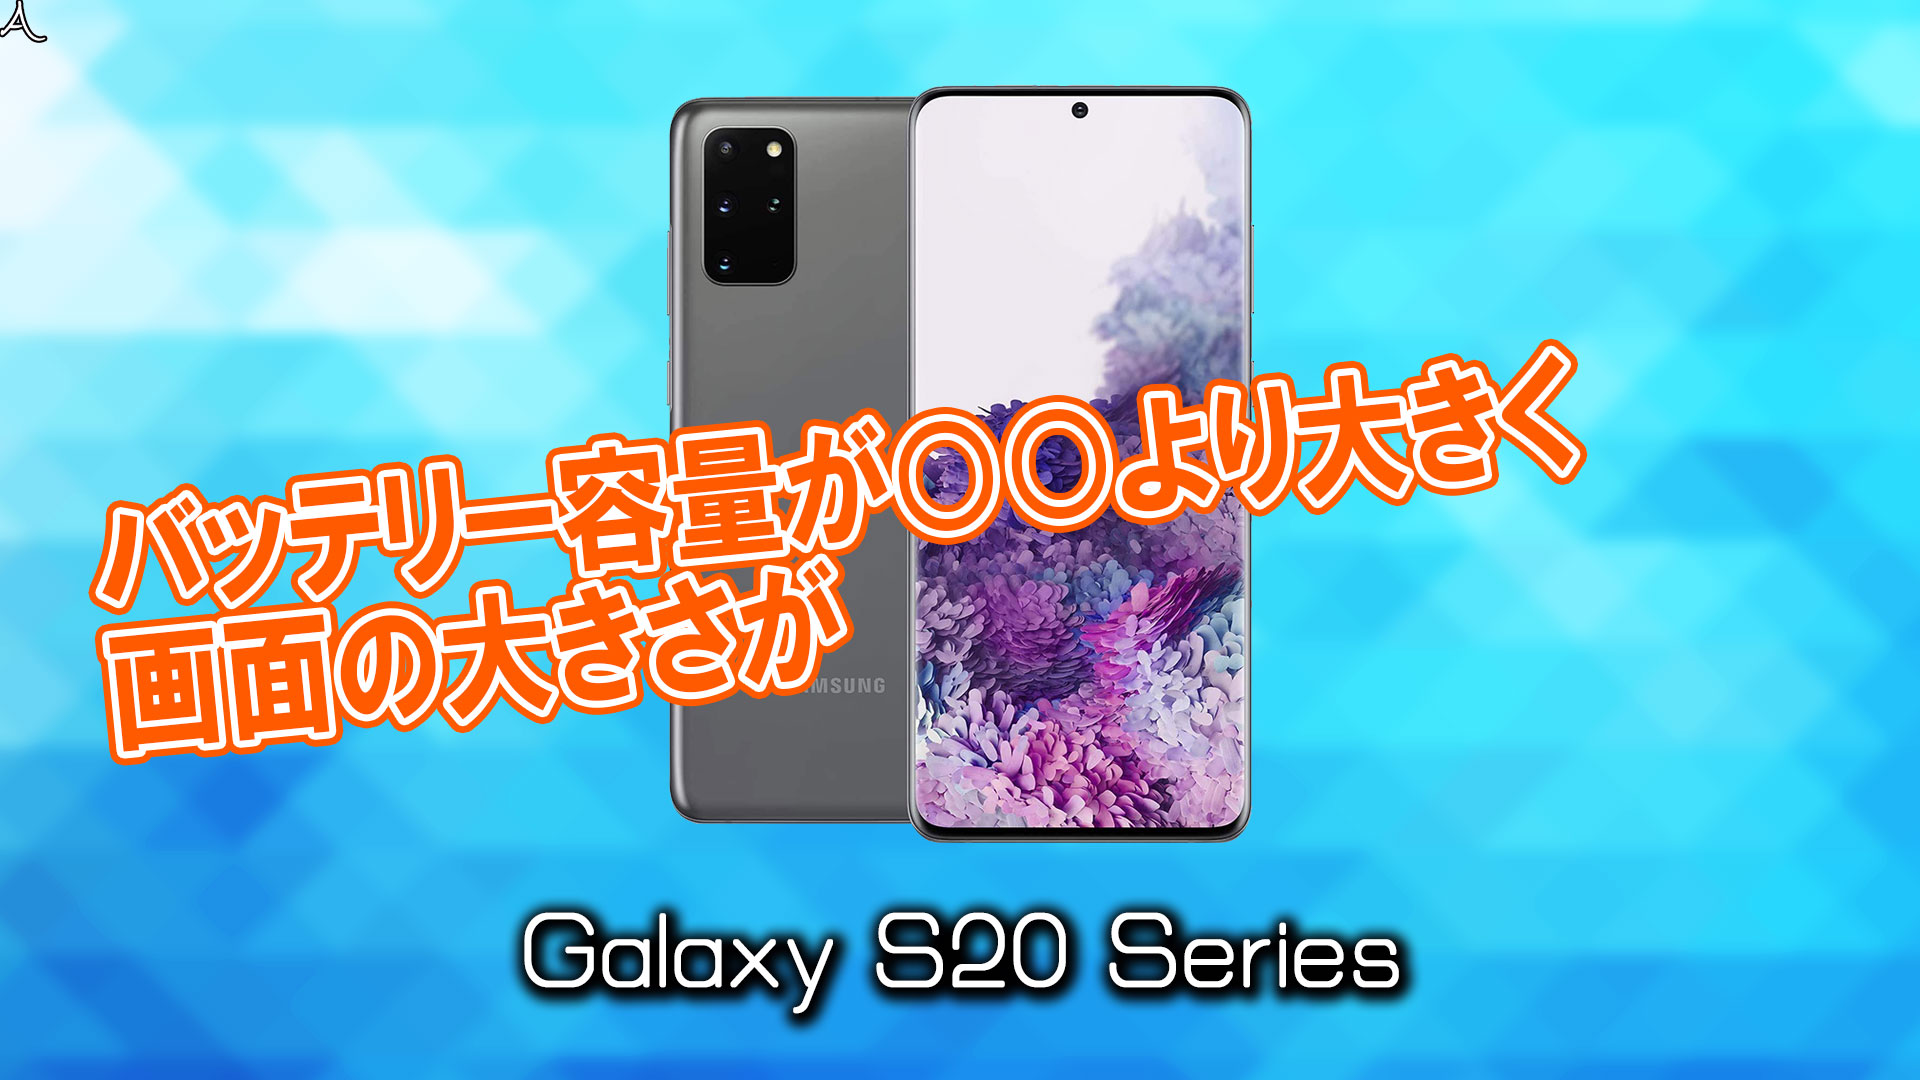 「Galaxy S20/S20+/S20 Ultra」のサイズや重さを他のスマホと細かく比較